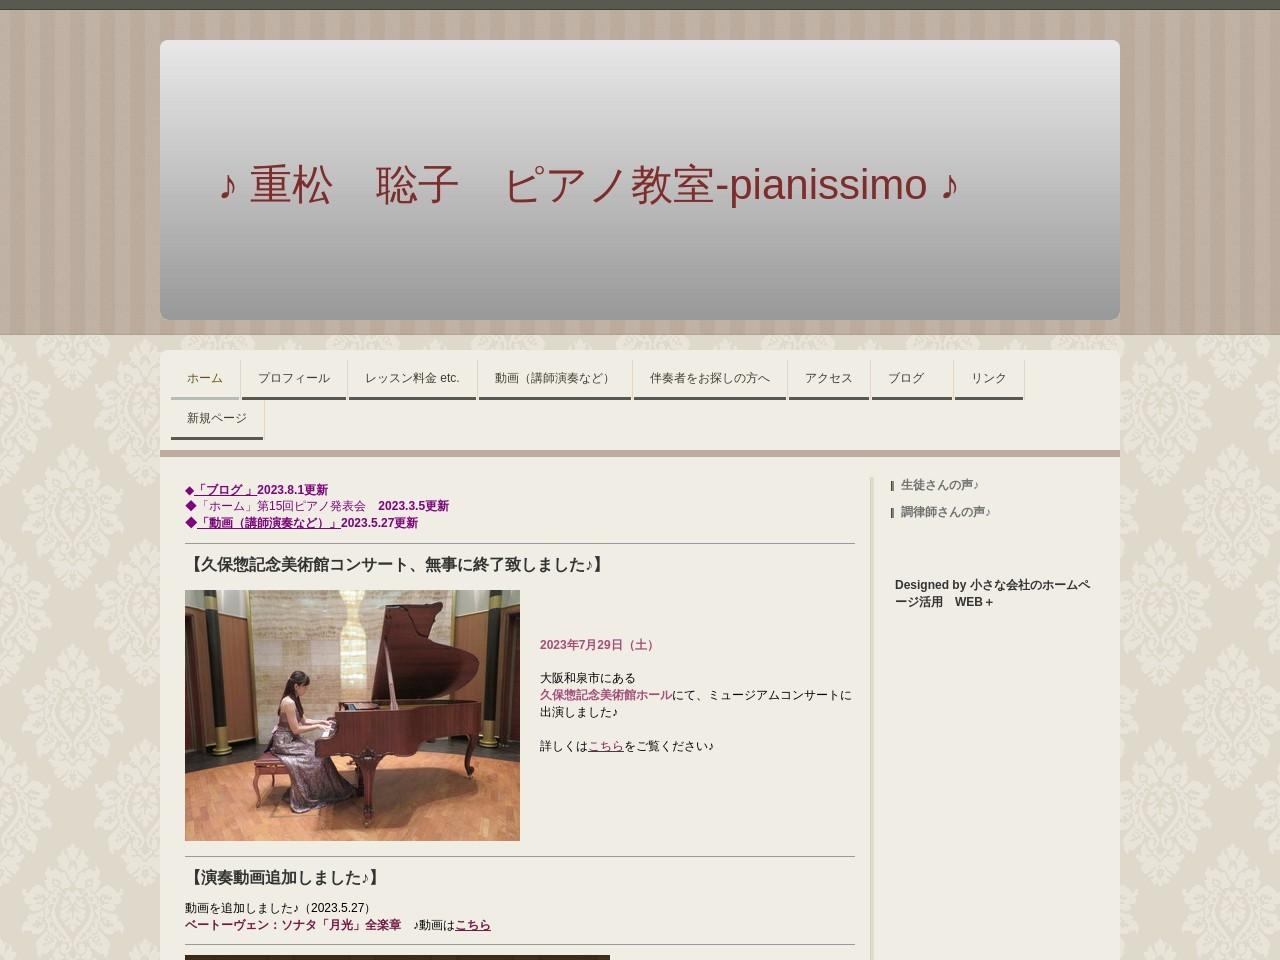 重松聡子ピアノ教室-pianissimoのサムネイル